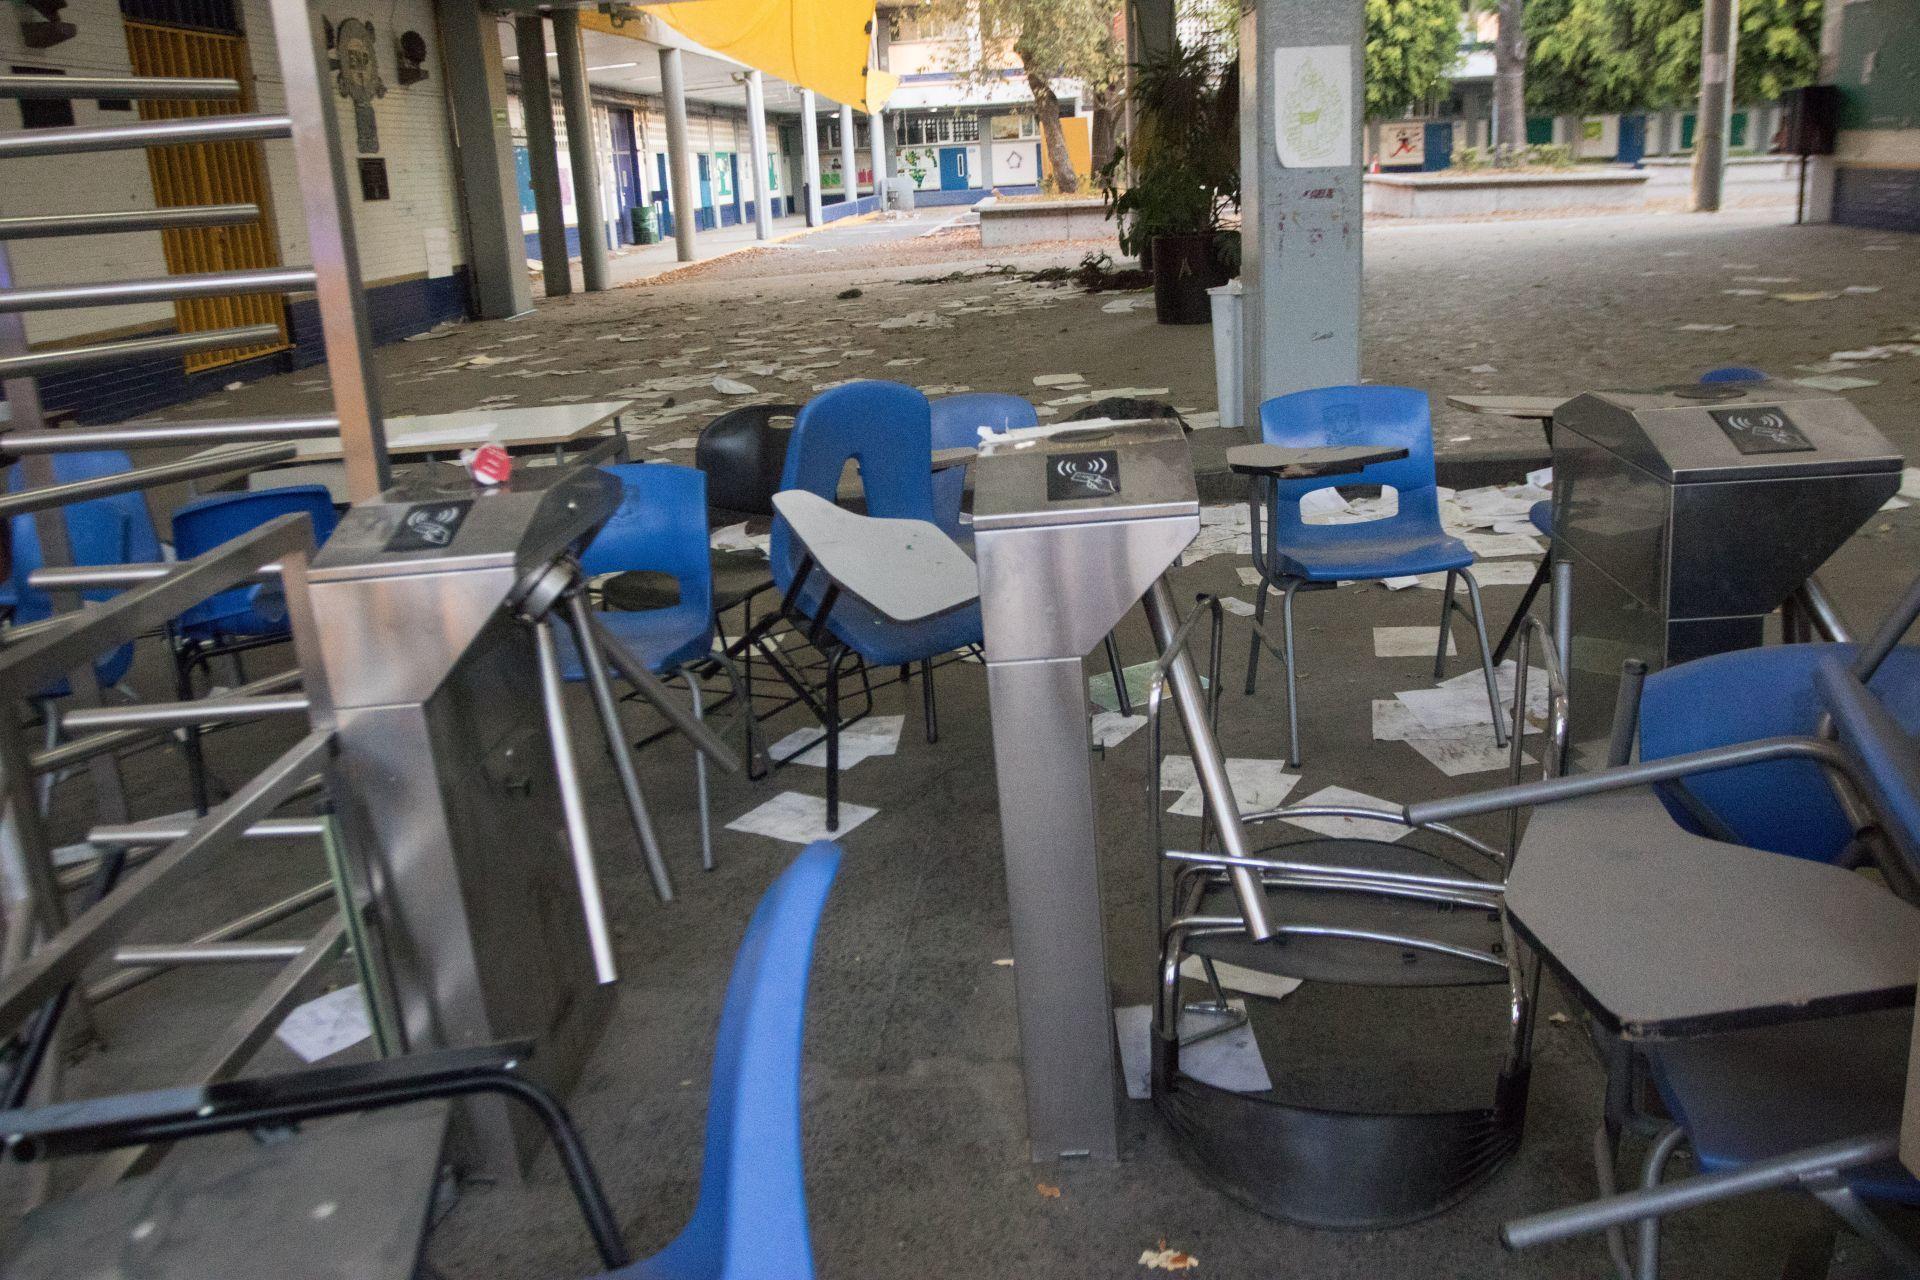 CIUDAD DE MÉXICO. 29ENERO2020.- Aún no inician la clases en el Preparatoria No. 7 de la UNAM. Se esperaba que este día los alumnos trabajadores administrativos y maestros retomar labores. Estudiantes acudieron al plantel a ver si se abrían las puertas de su escuela.